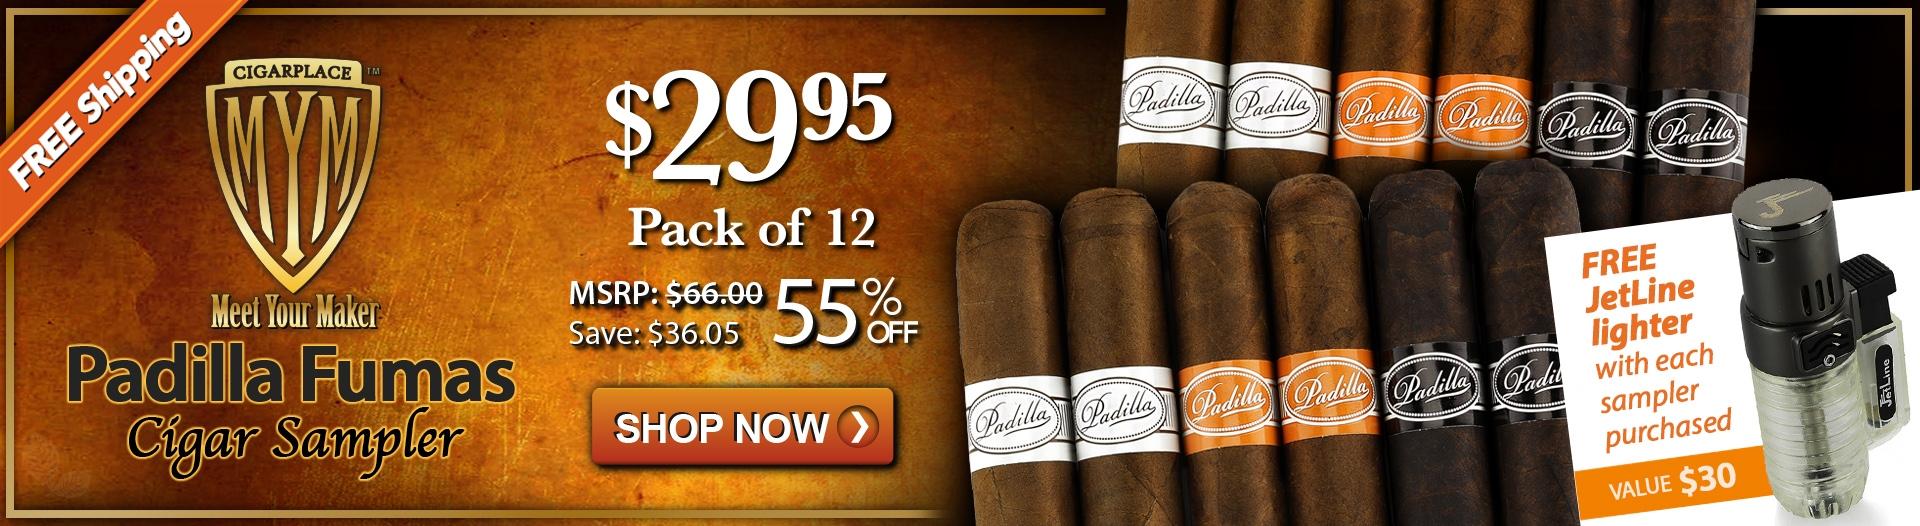 MYM - Padilla Fumas Cigar Sampler + FREE JetLine Triple Torch Lighter